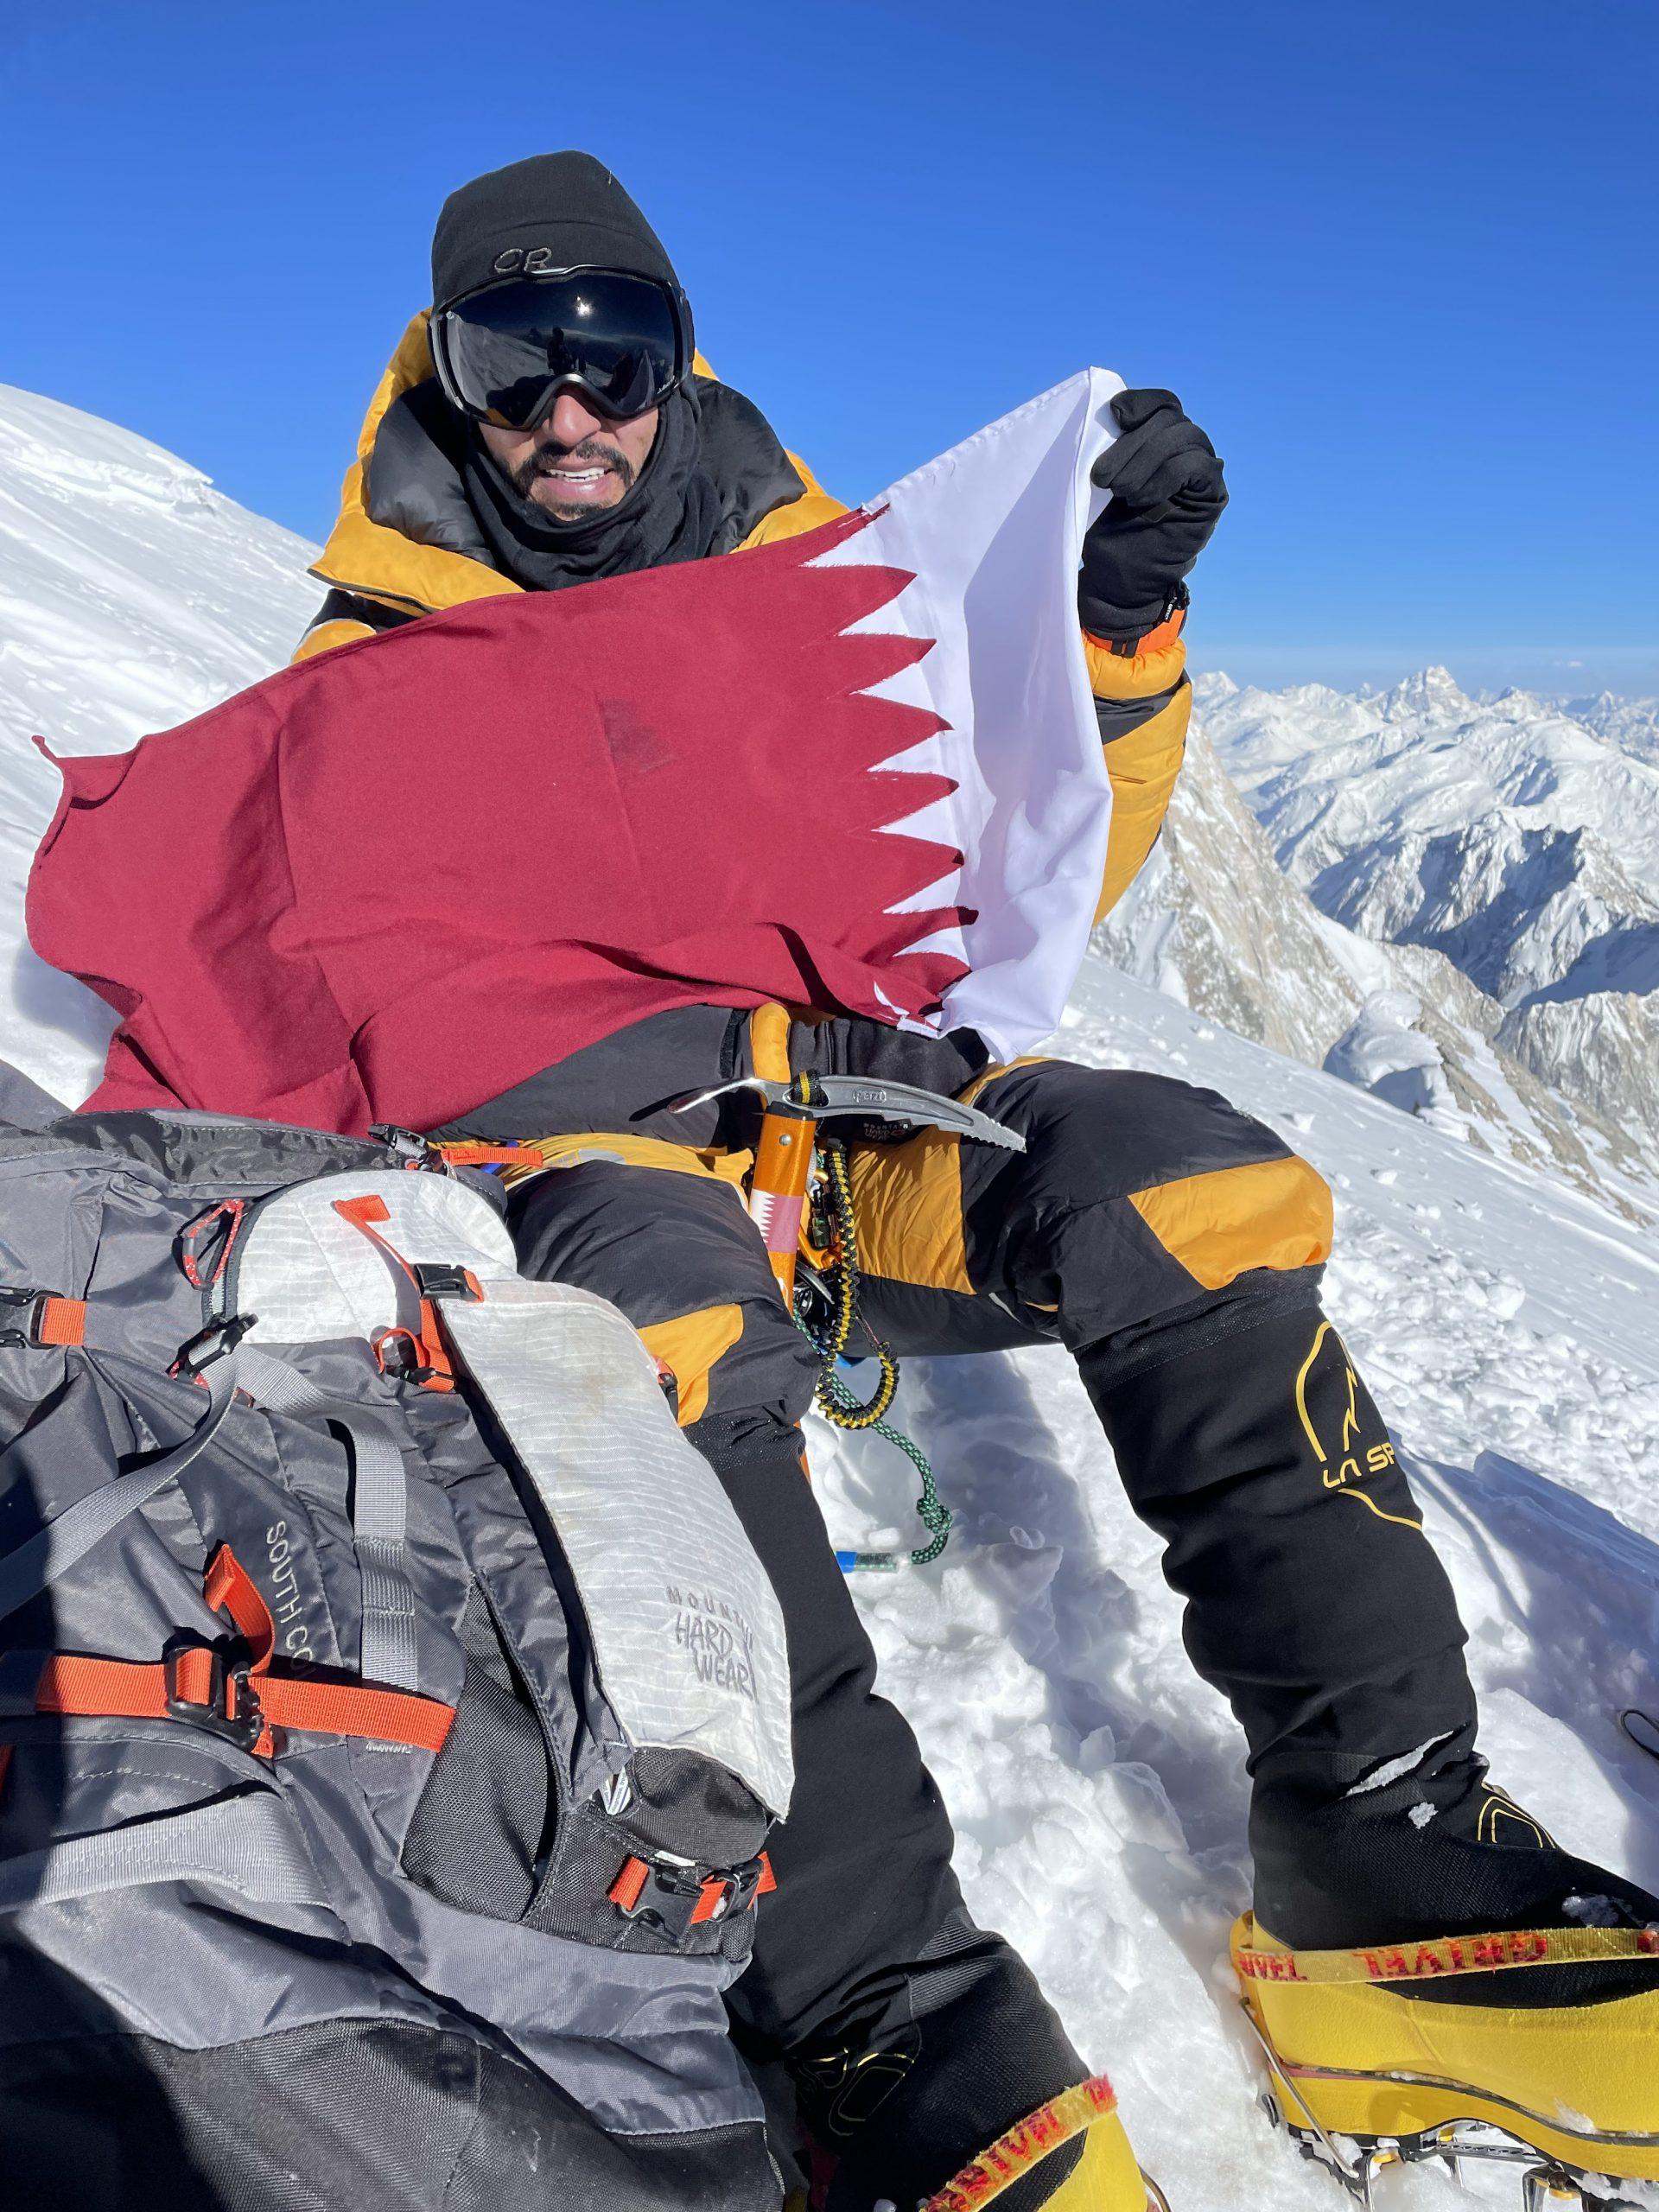 Qatari adventurer succeeds in raising Qatari flag over the world's 12th highest peak